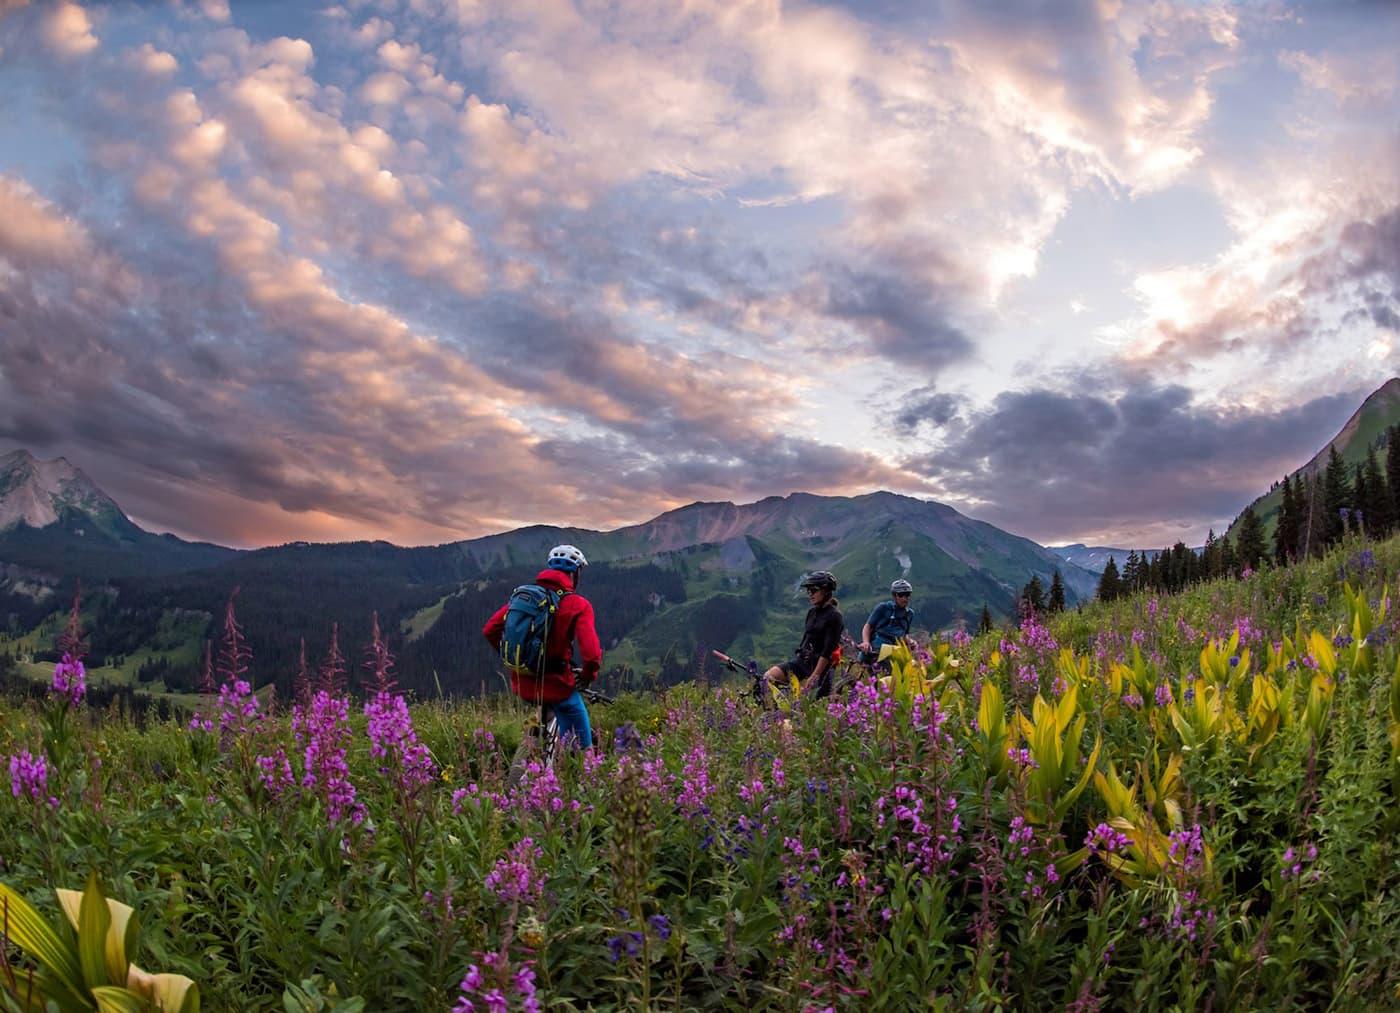 colorado summer mountain biking